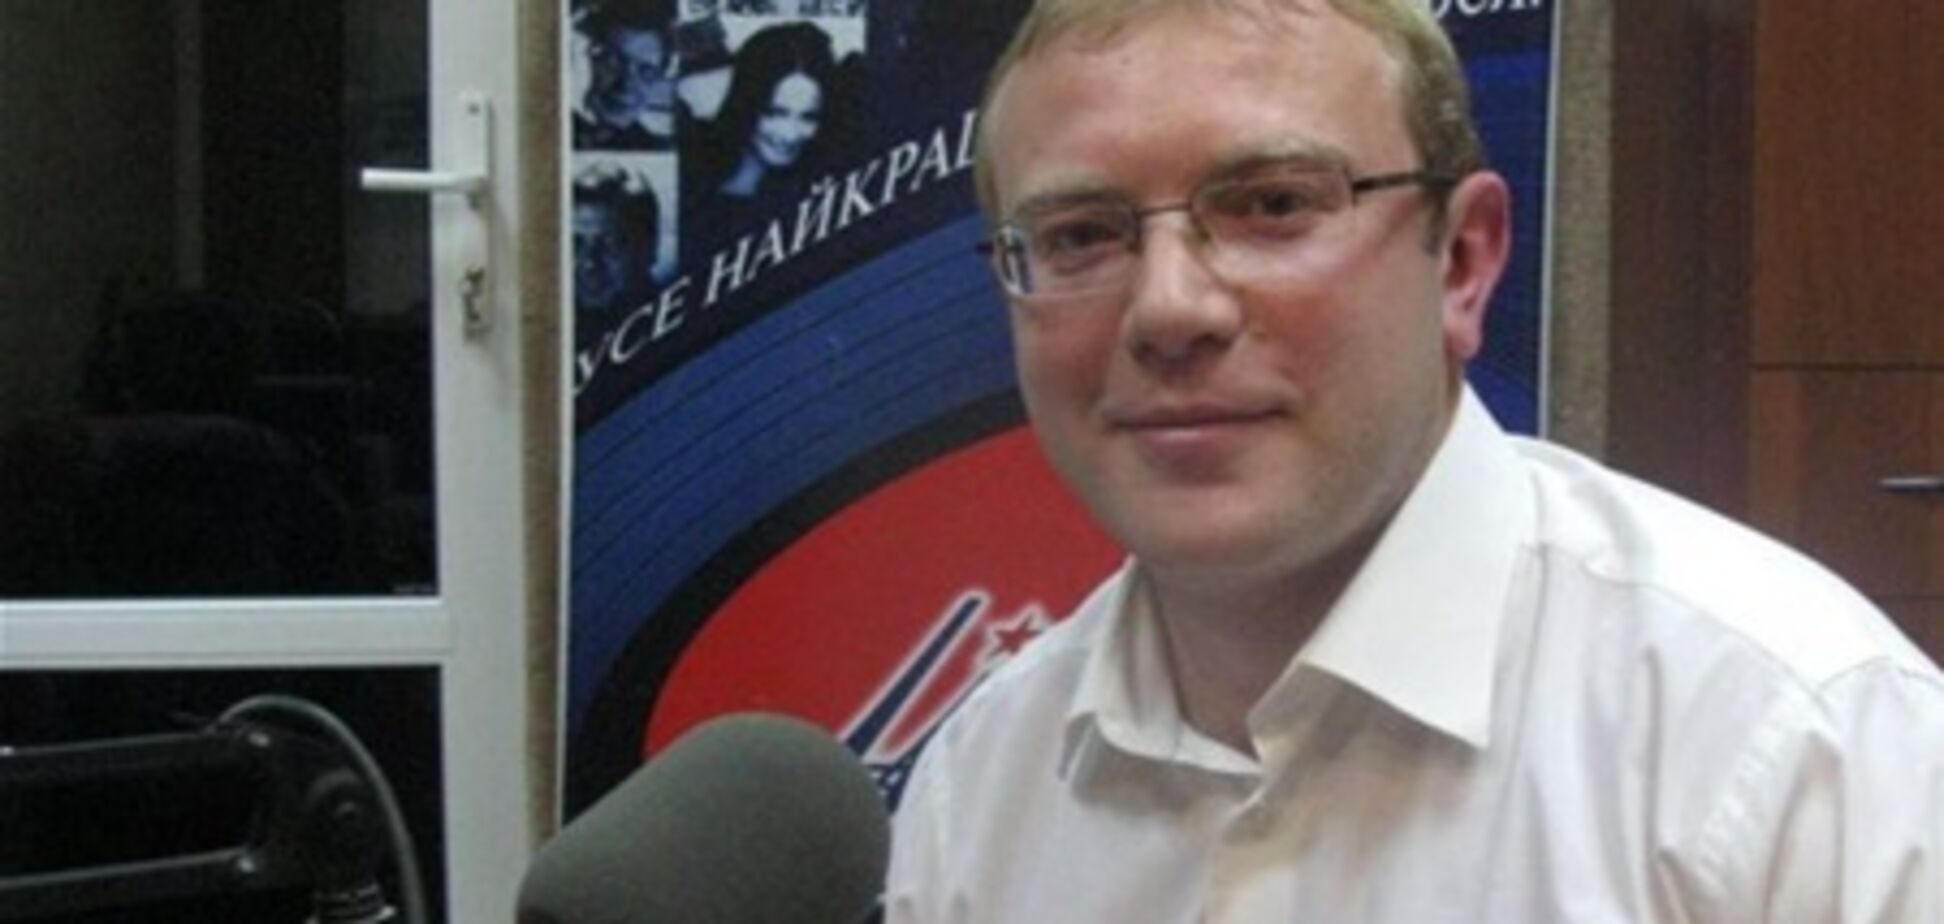 Шокирующее фото нардепа Шевченко в молодости